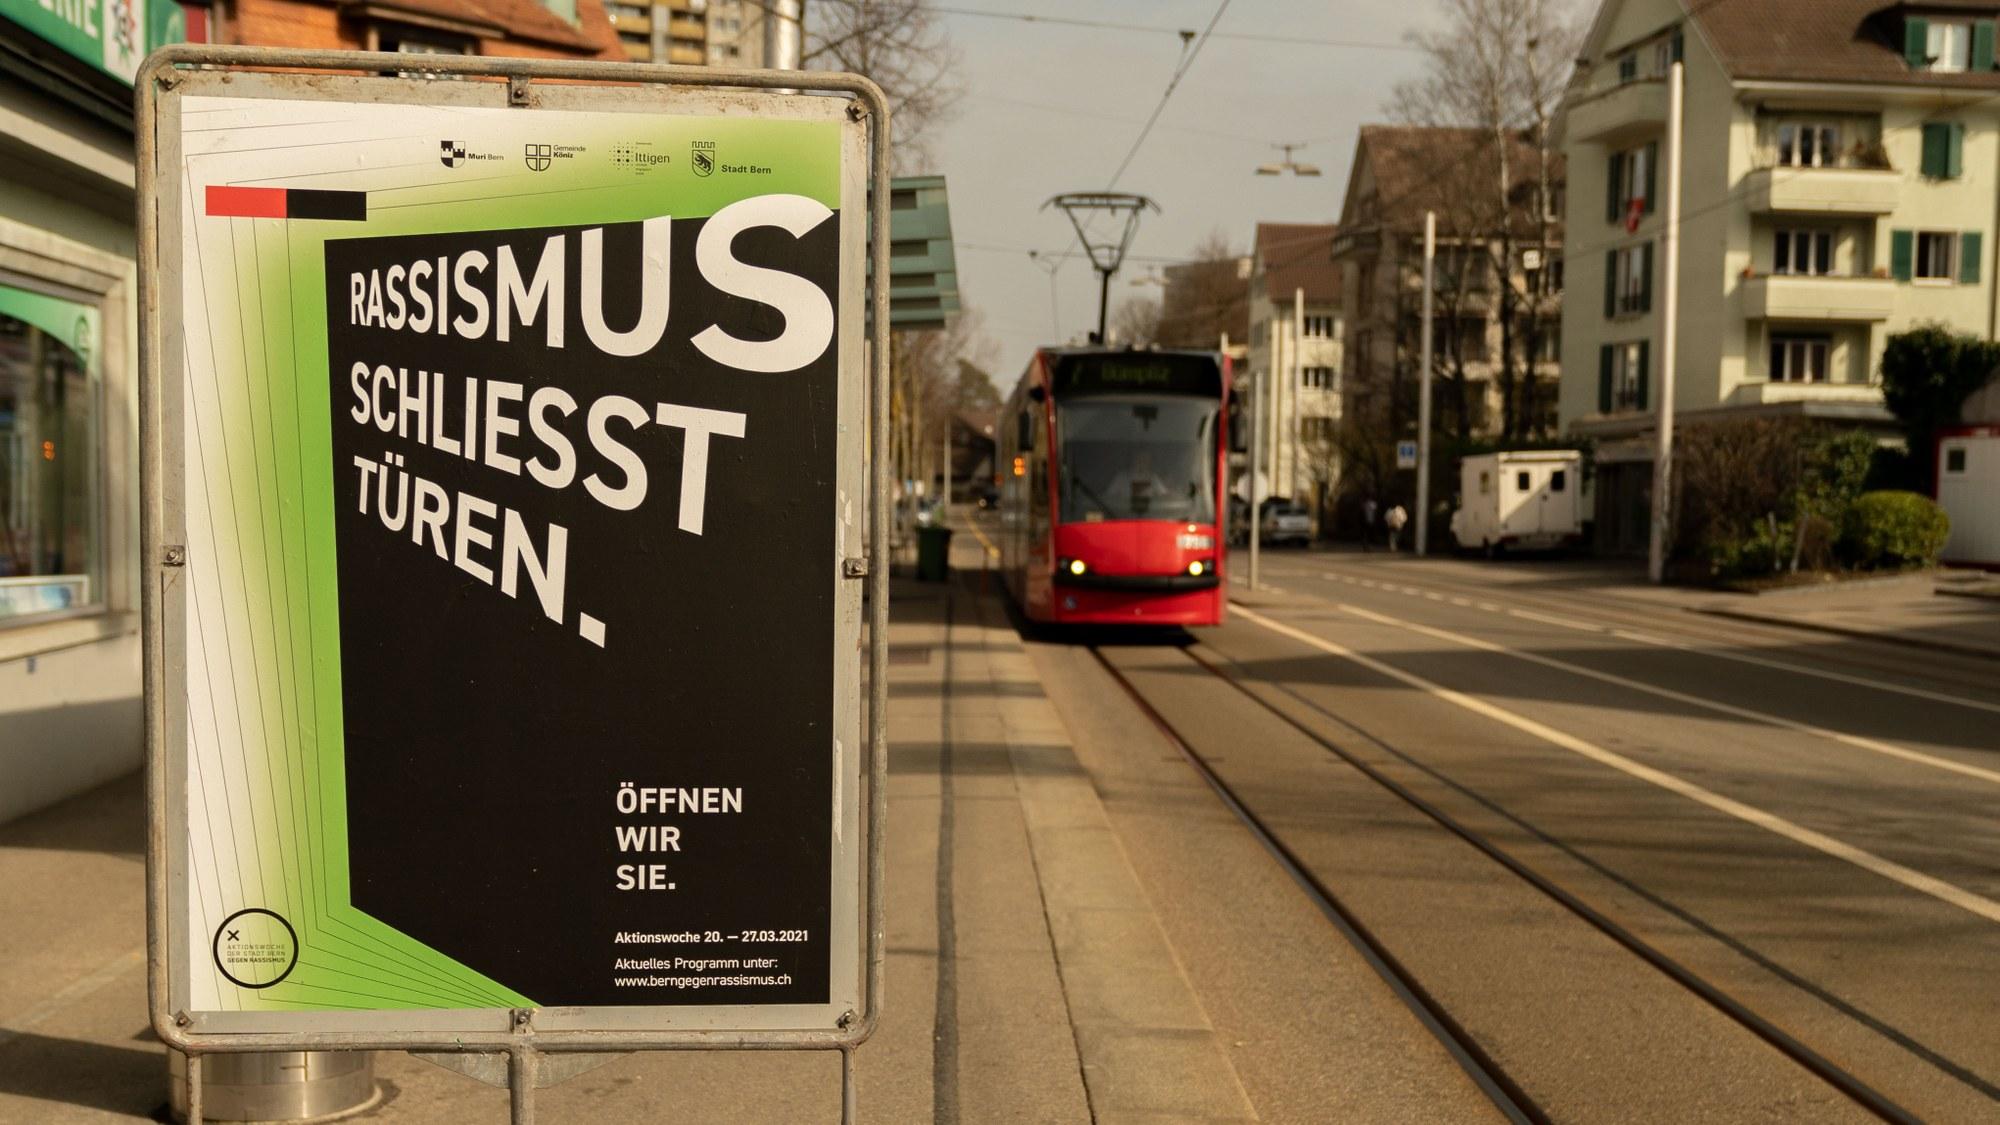 Die Aktionswoche gegen Rassismus findet derzeit in verschieden Schweizer Städten statt